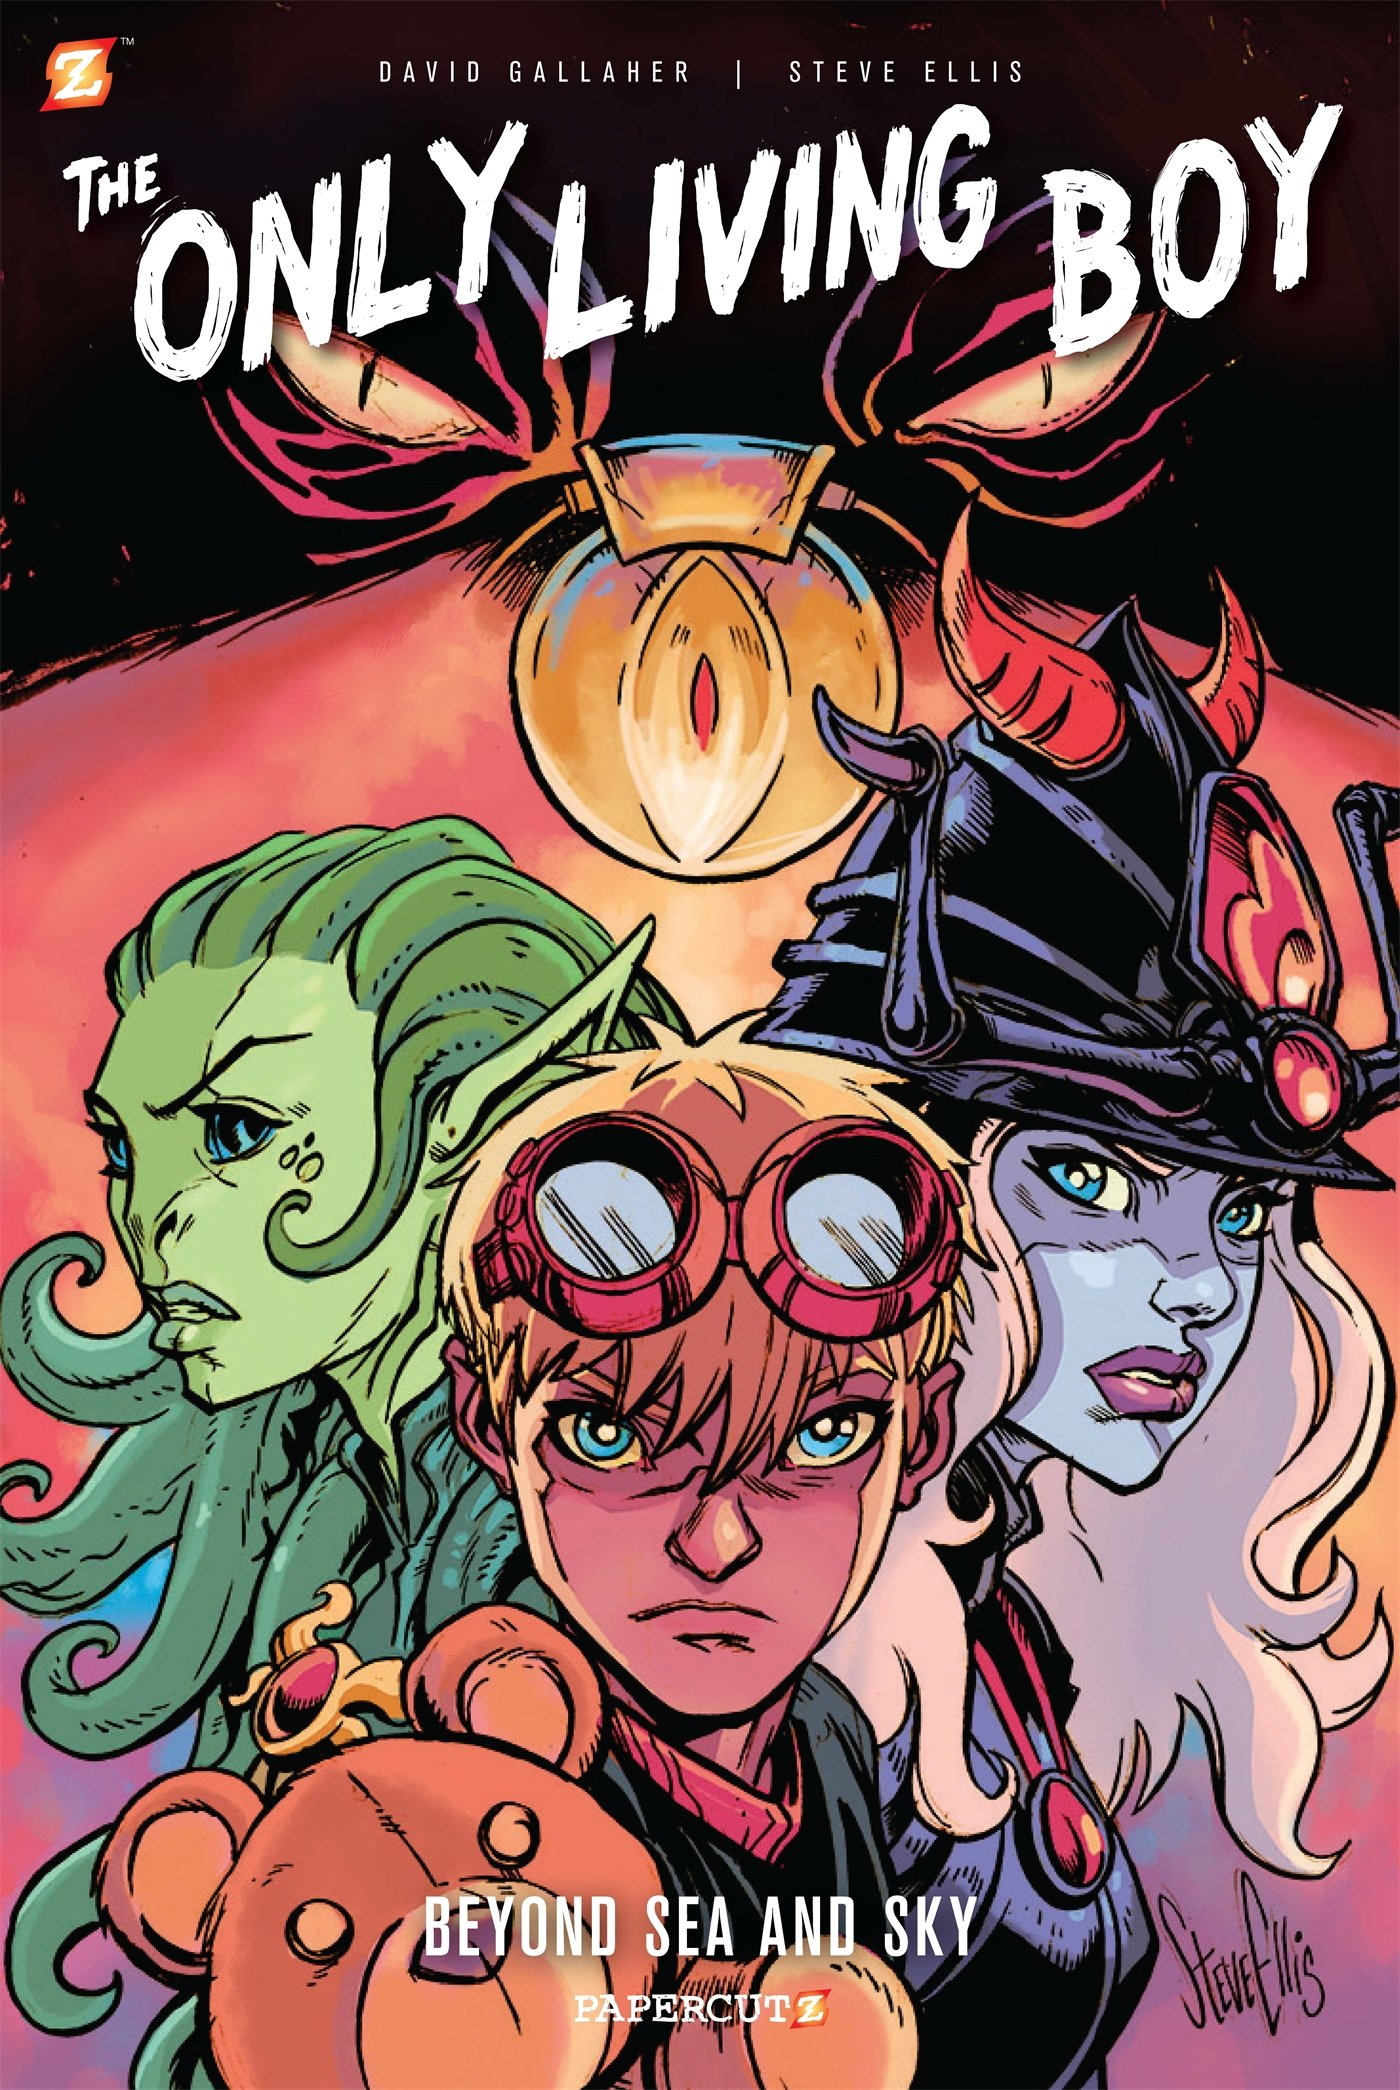 Olb Vol 2 cover